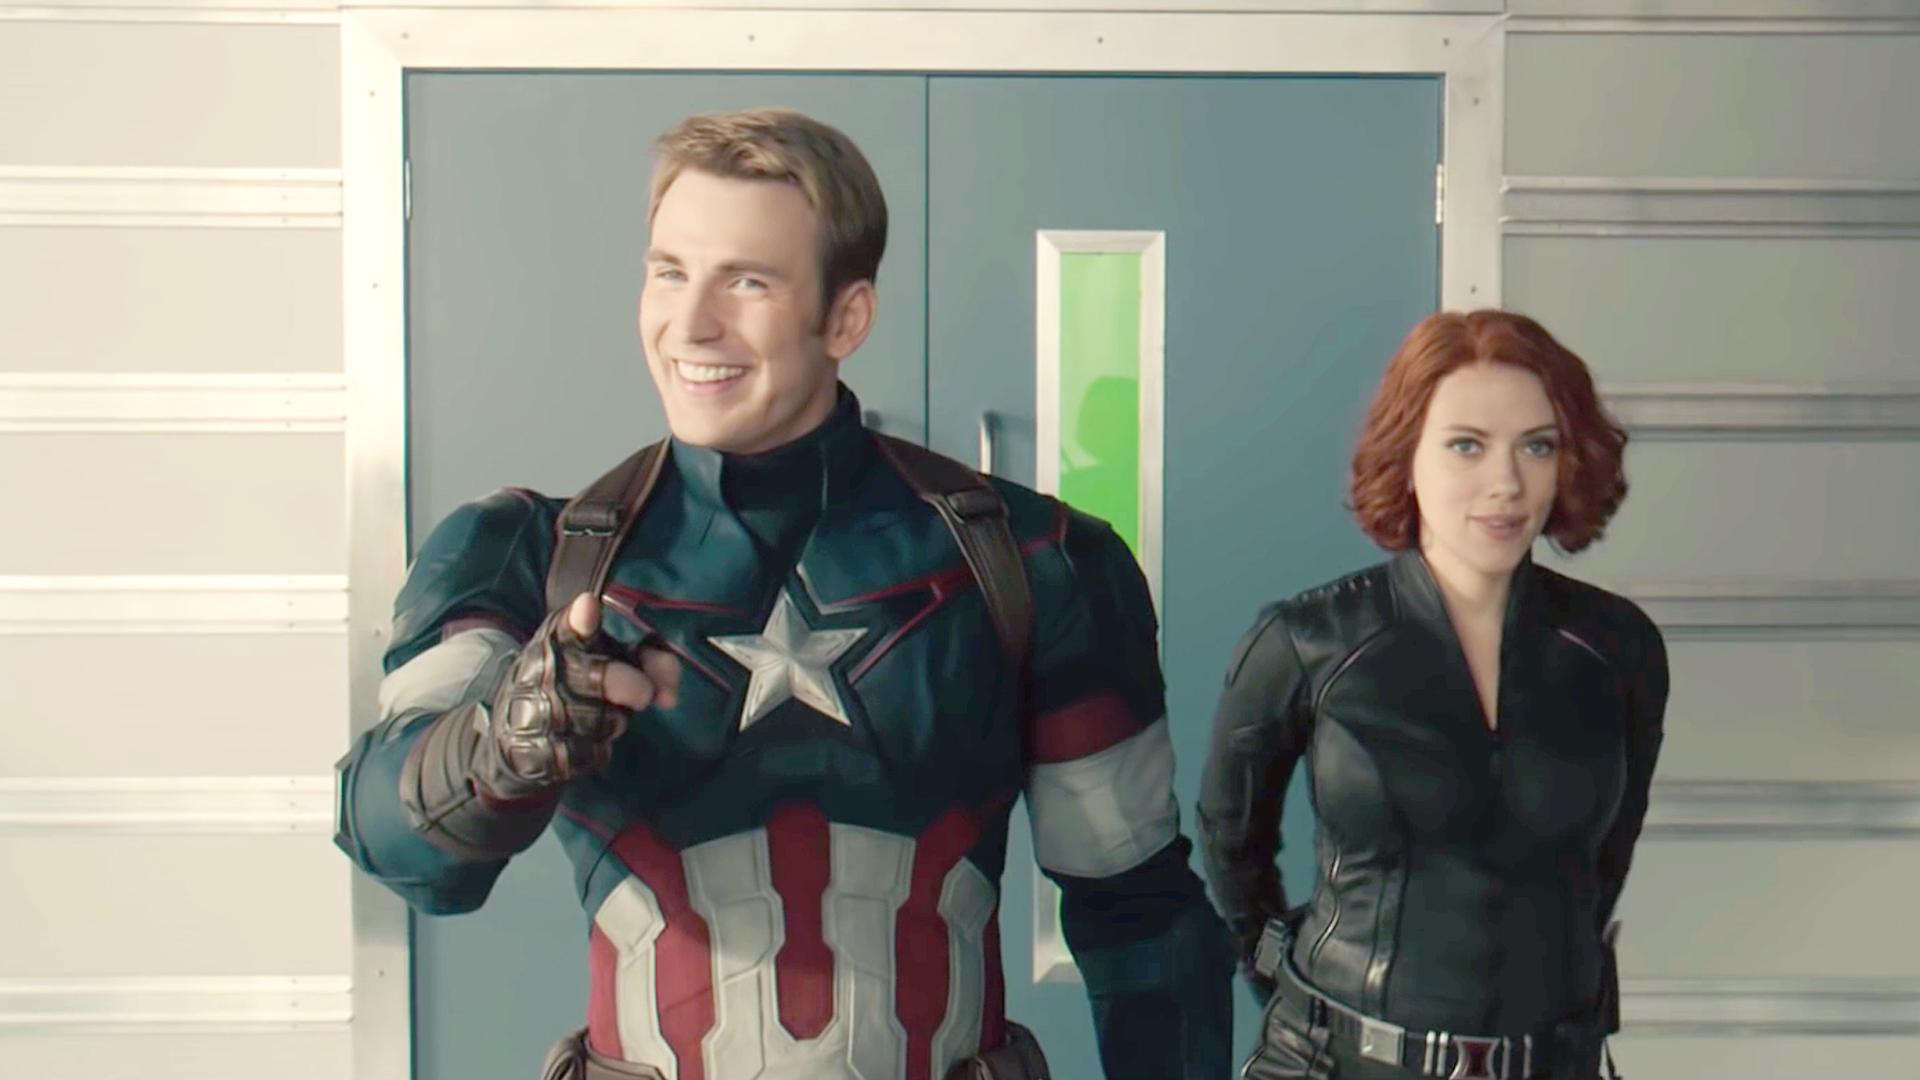 http://statcdn.fandango.com/MPX/image/NBCU_Fandango/296/627/AvengersAgeOfUltron_BehindTheScenesBloopers.jpg